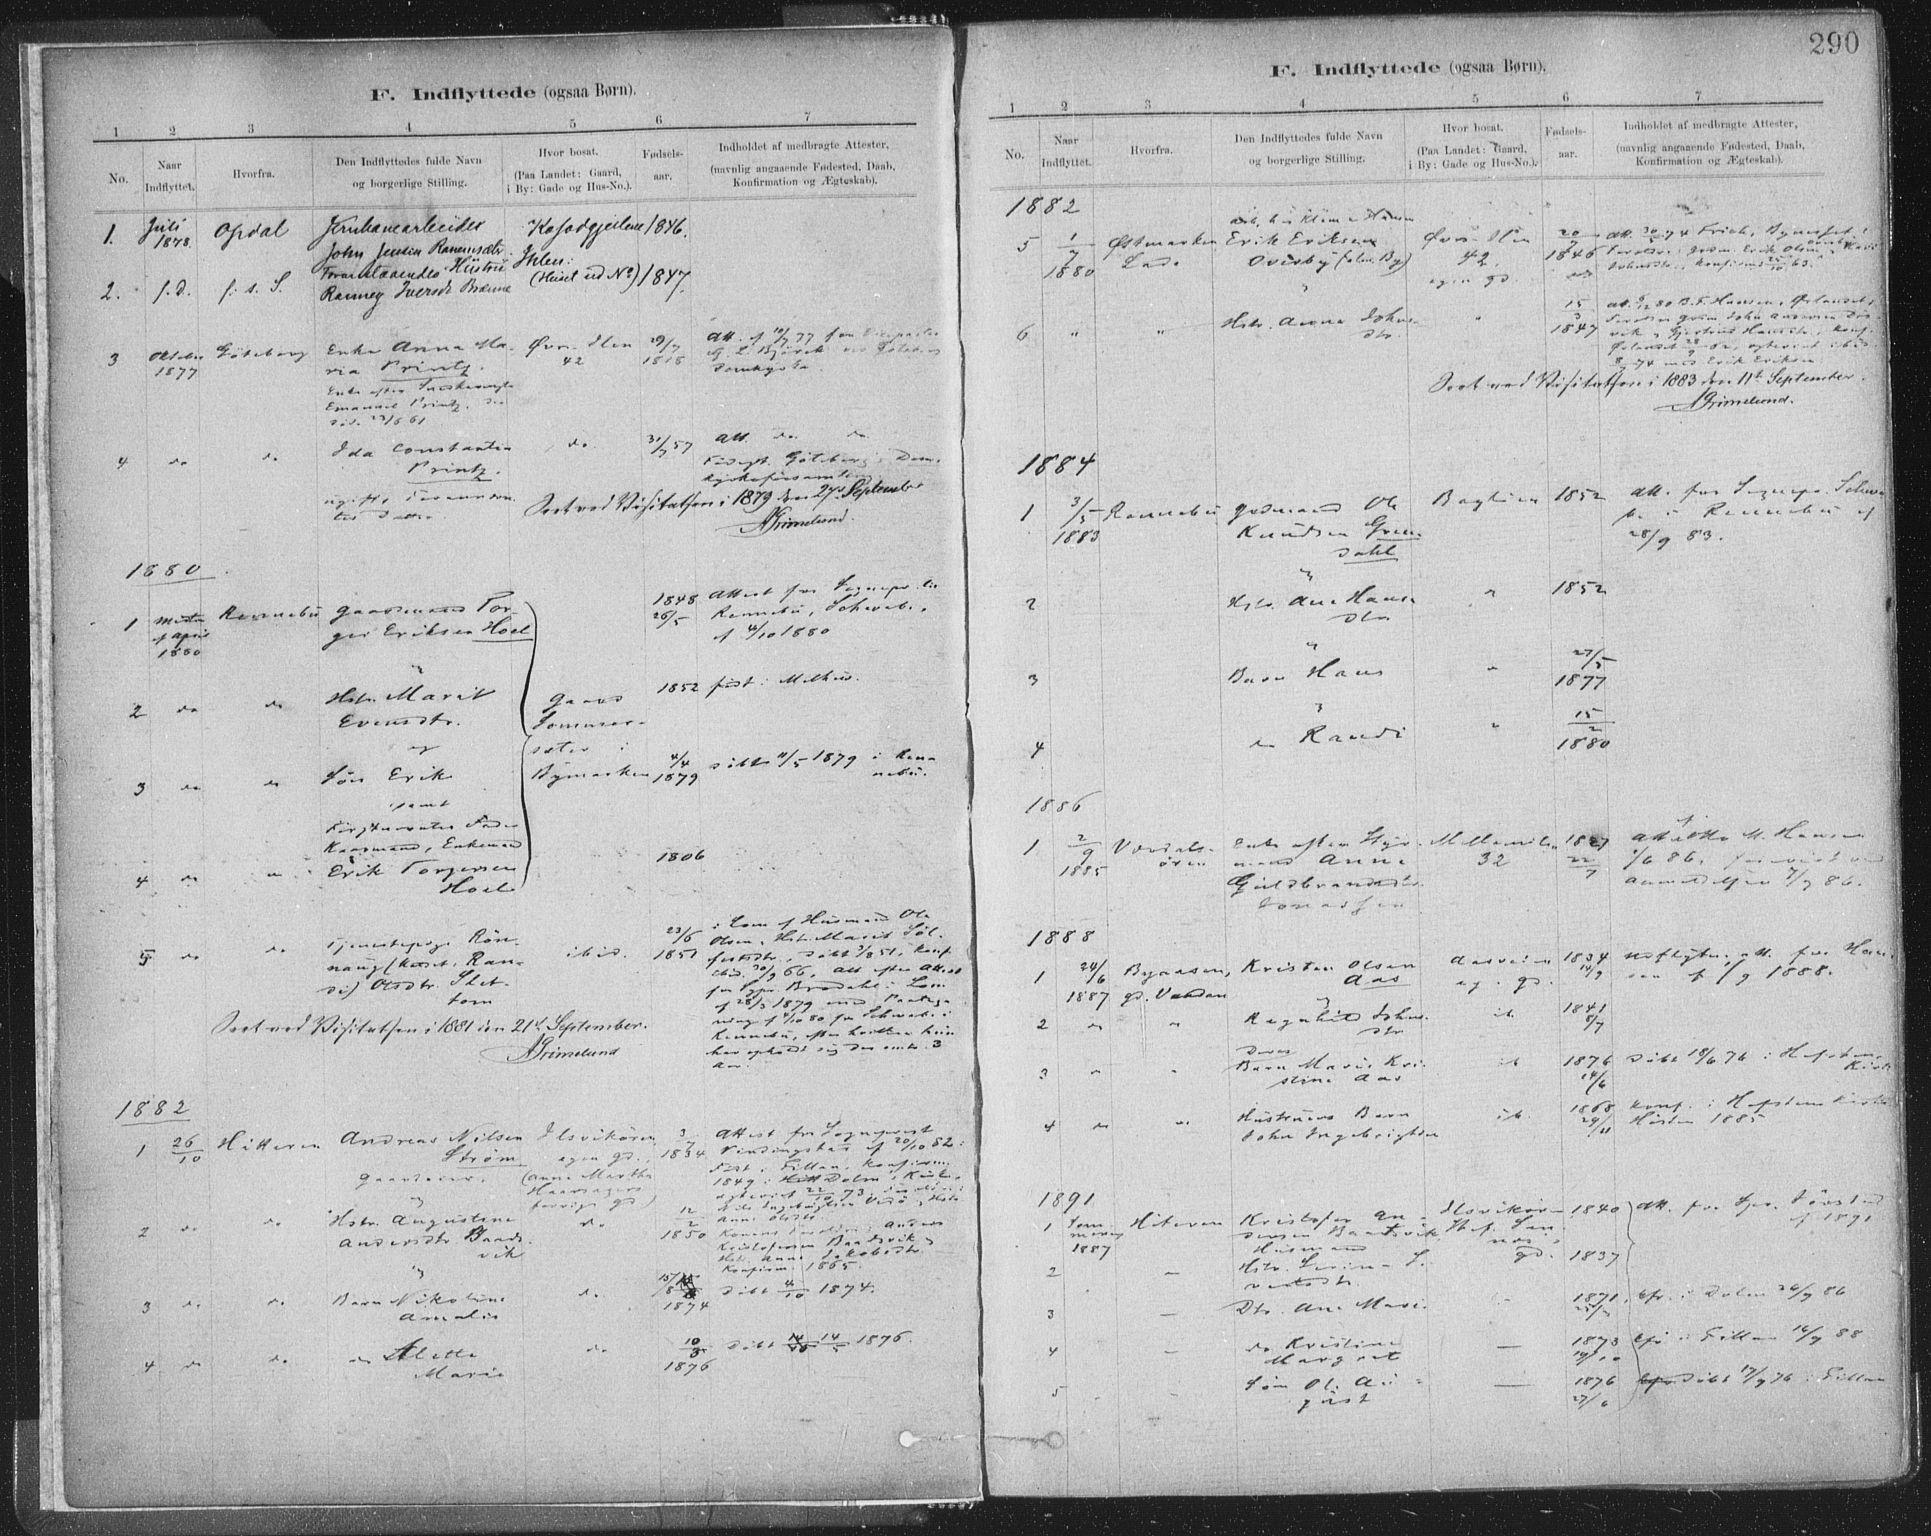 SAT, Ministerialprotokoller, klokkerbøker og fødselsregistre - Sør-Trøndelag, 603/L0163: Ministerialbok nr. 603A02, 1879-1895, s. 290